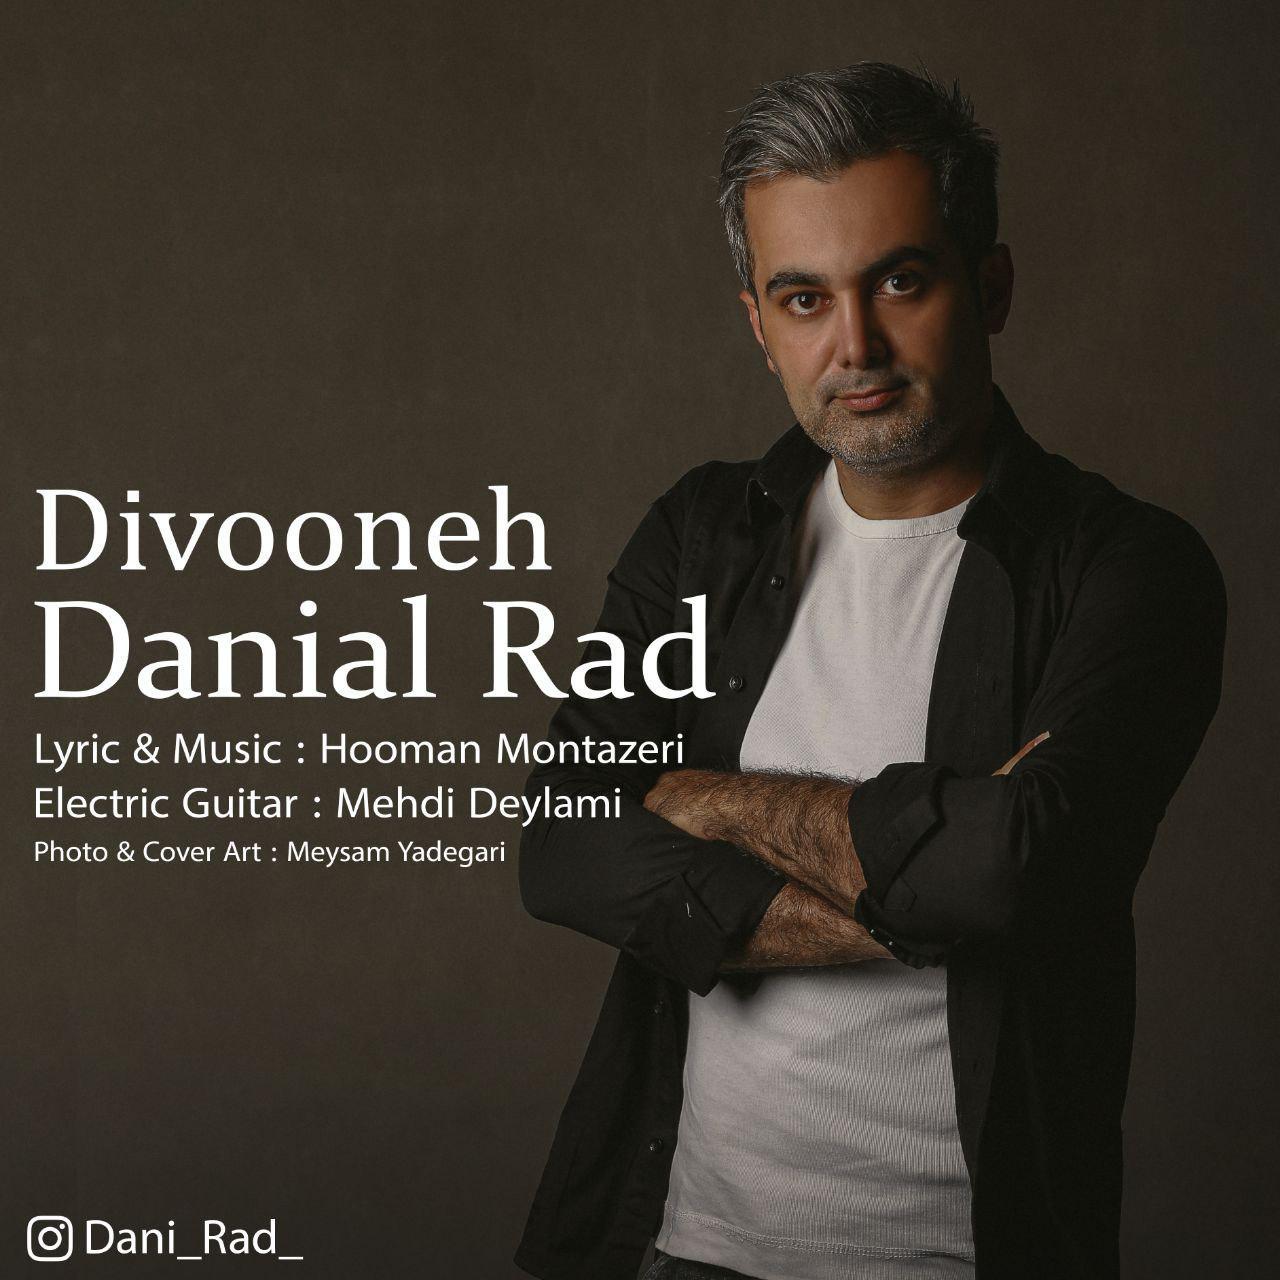 Danial Rad – Divooneh